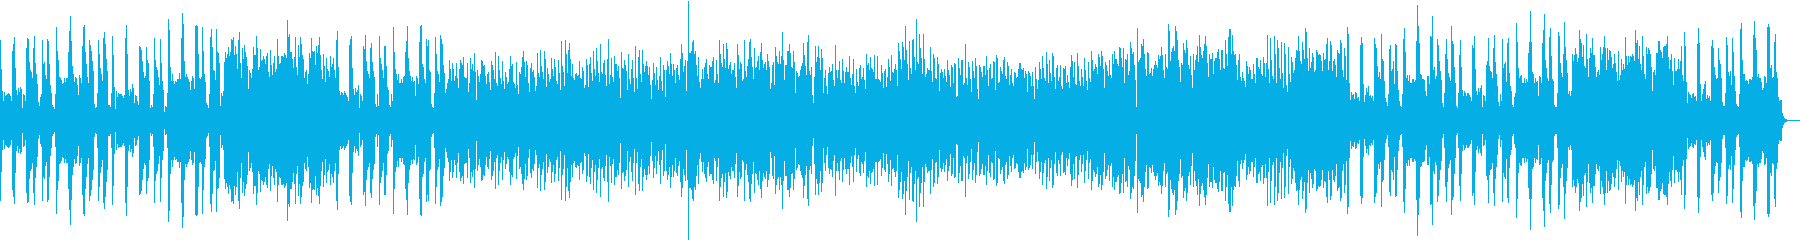 フルートとギターのスイングジャズの再生済みの波形